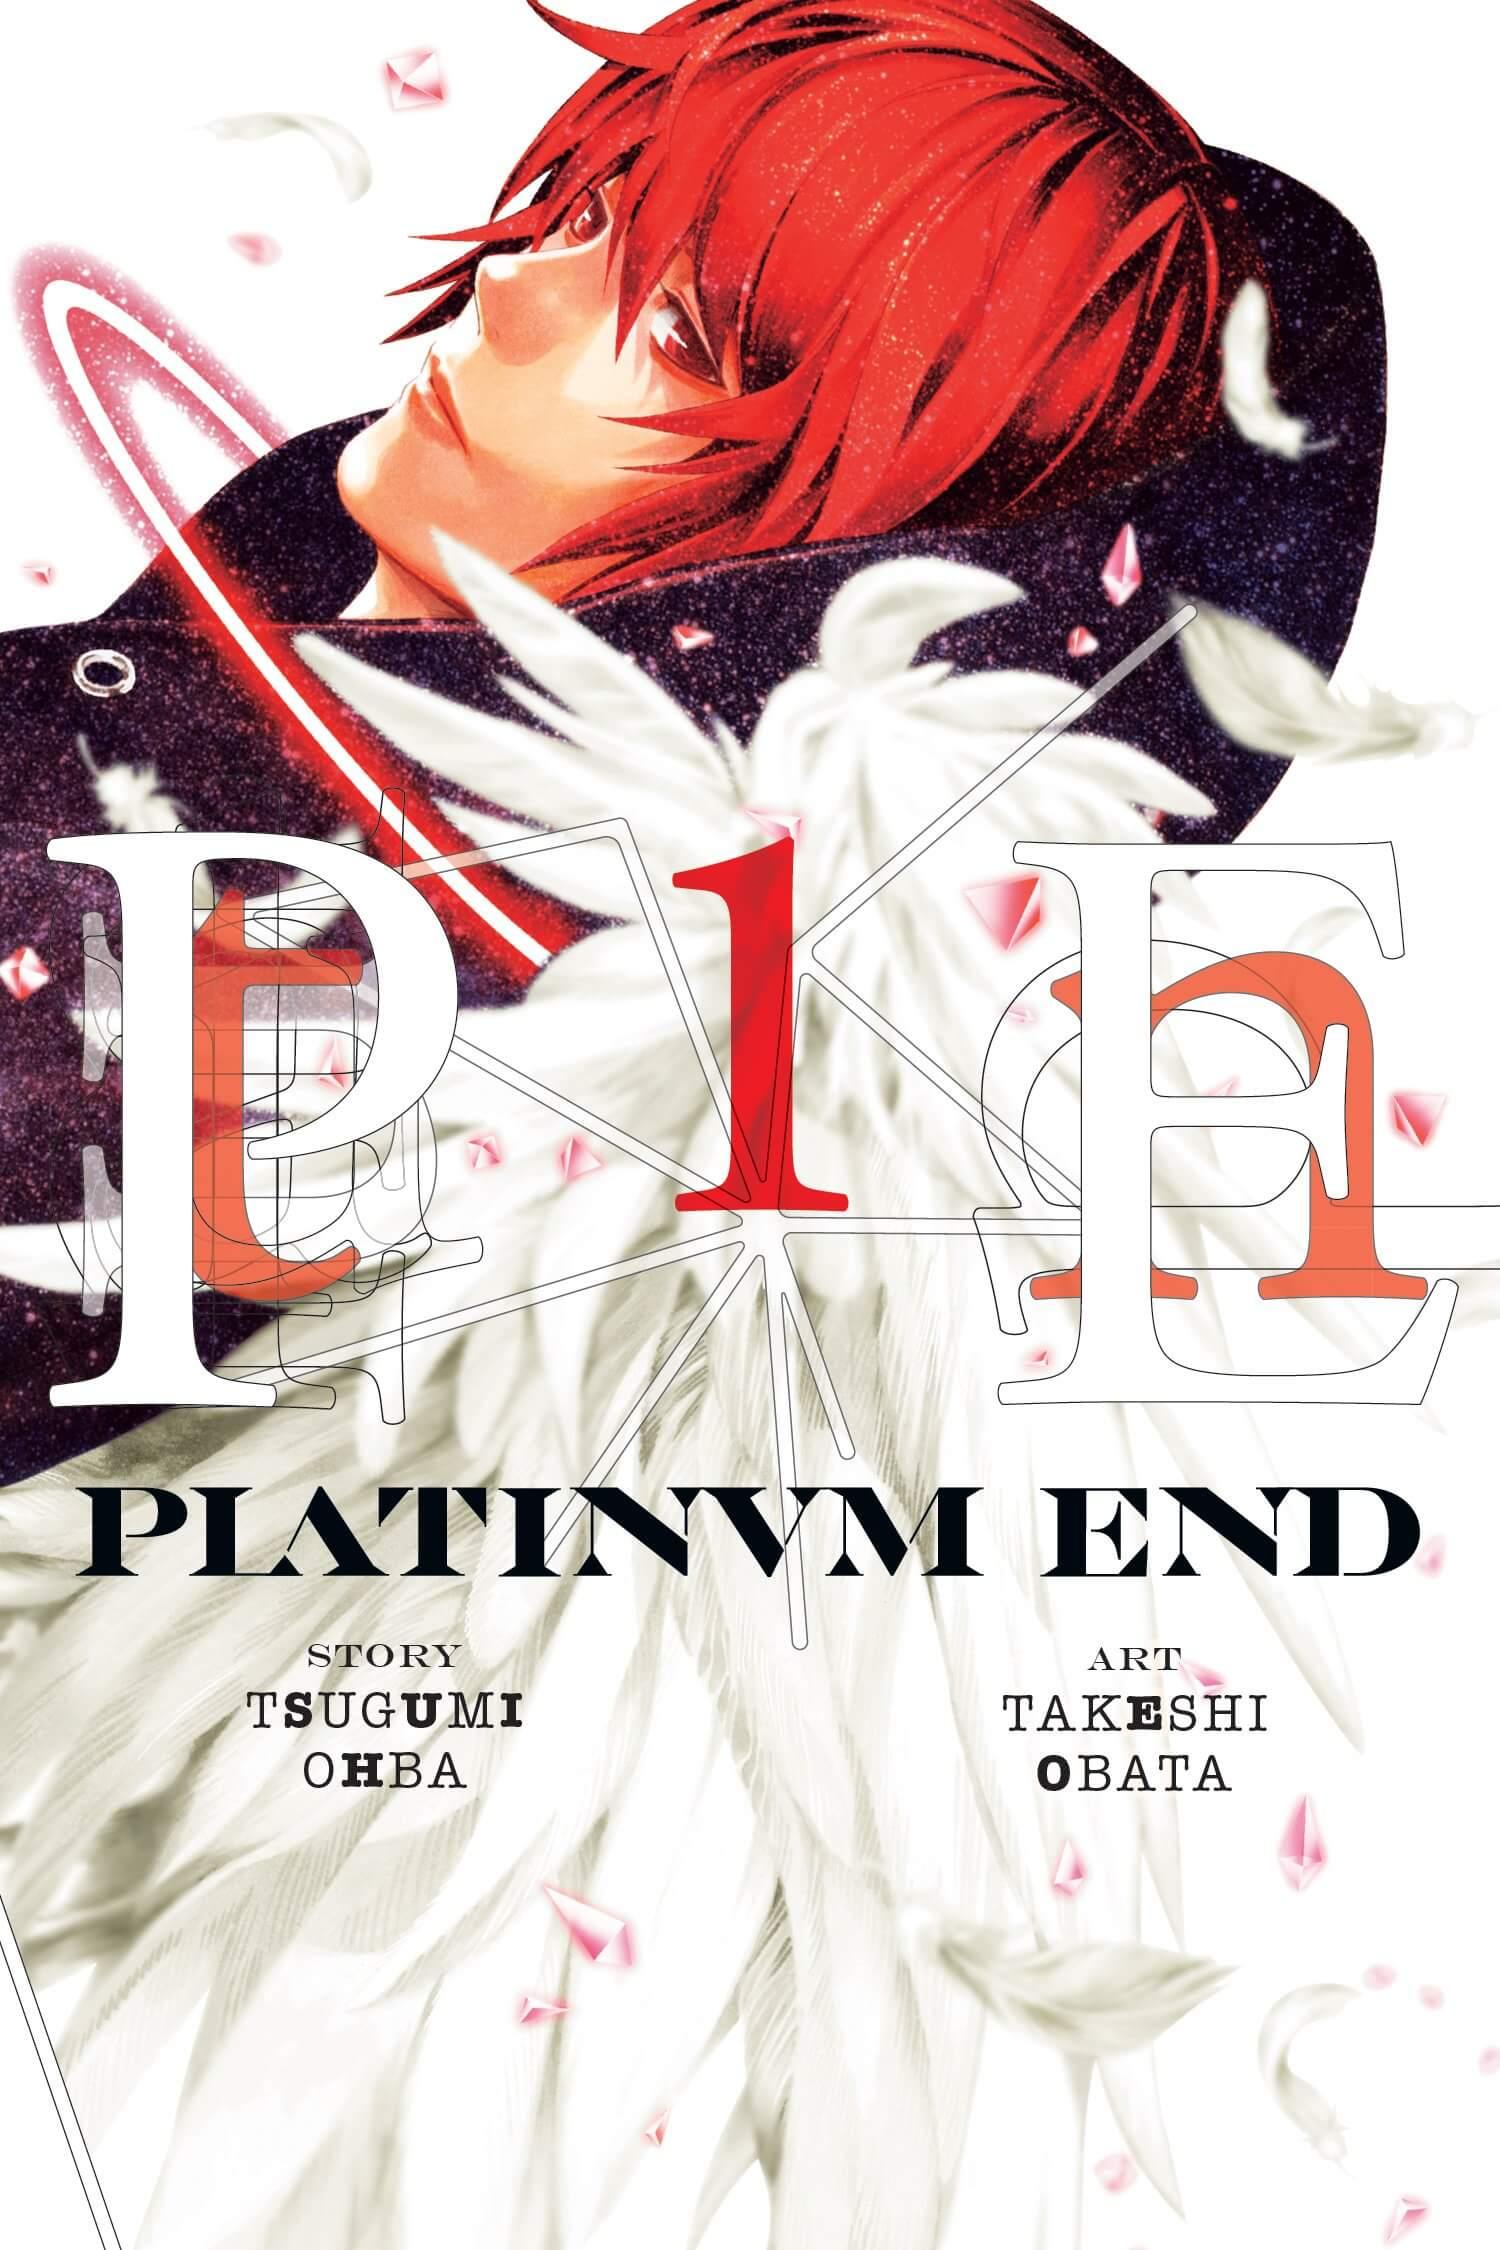 Platinum End - Mangá dos autores de Death Note e Bakuman pode ganhar anime